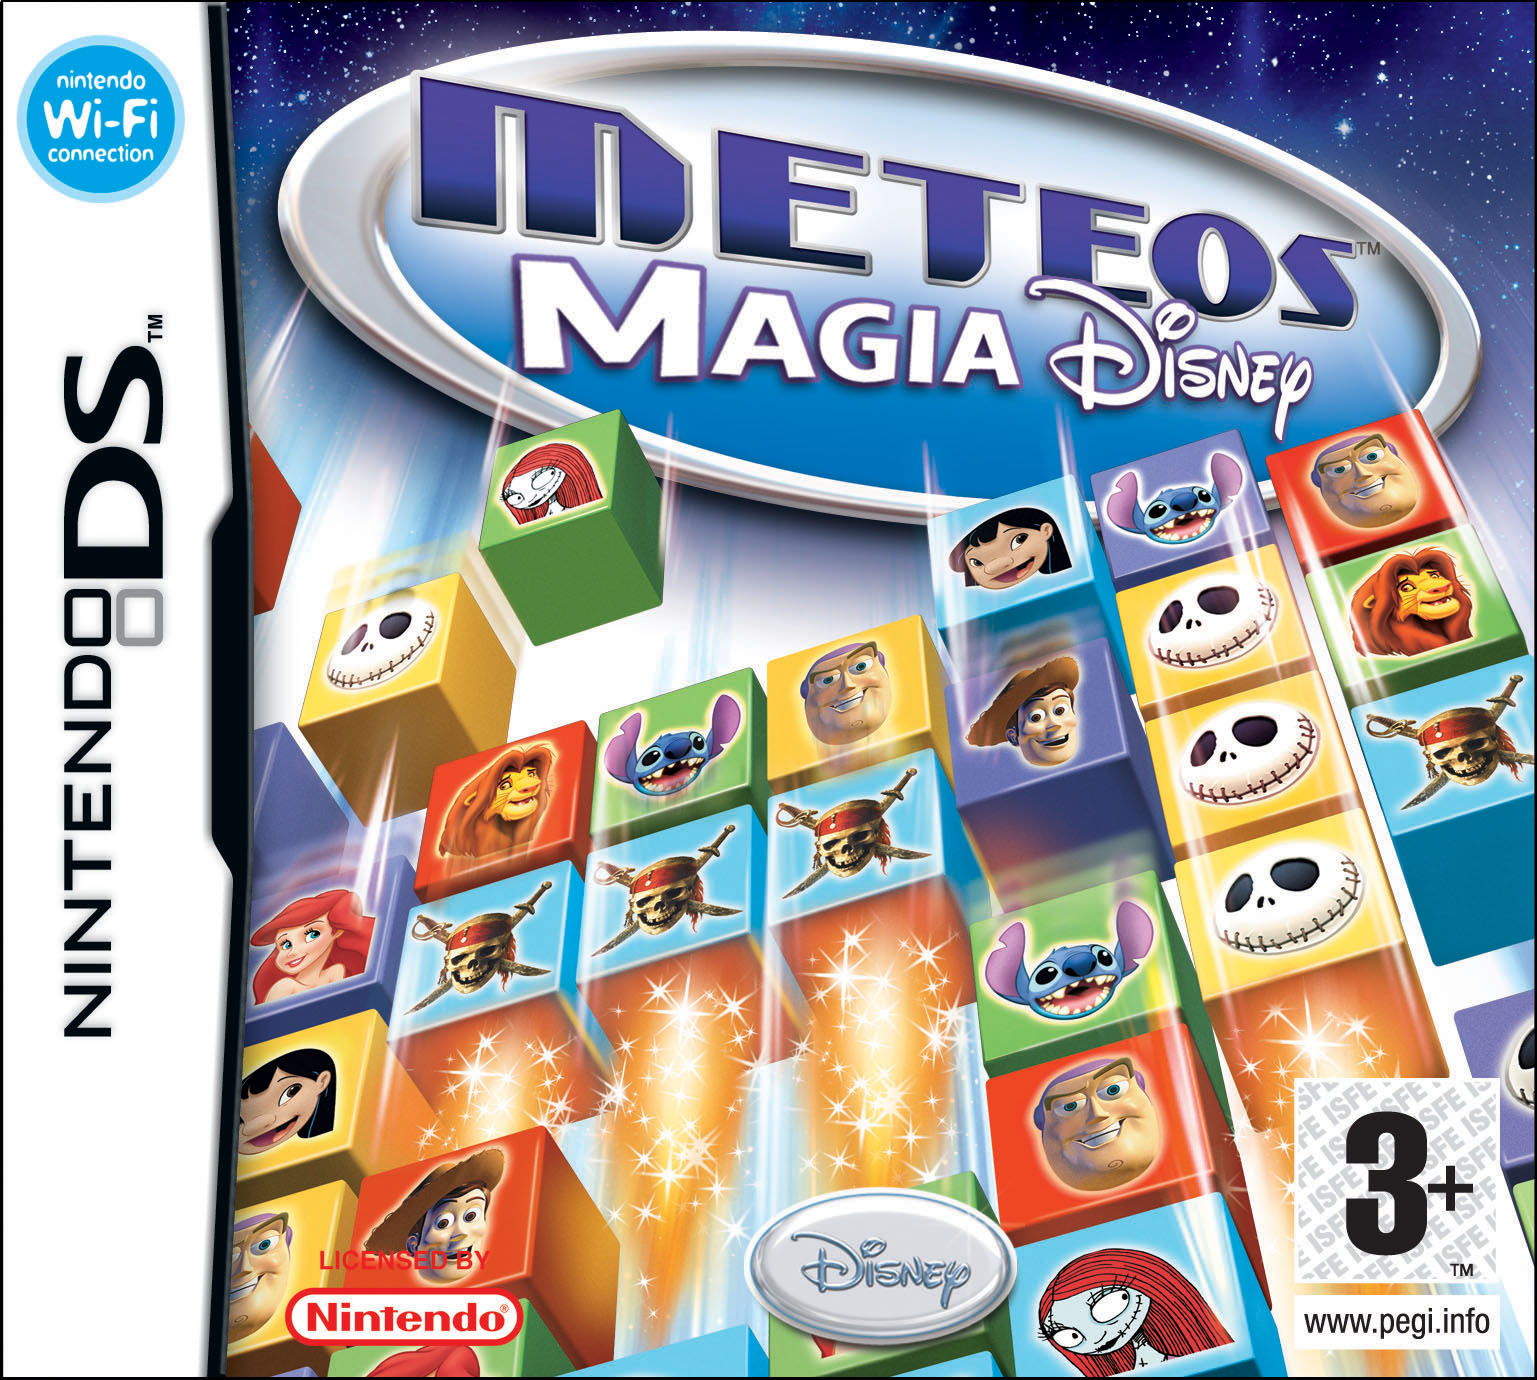 Meteos: Magia Disney